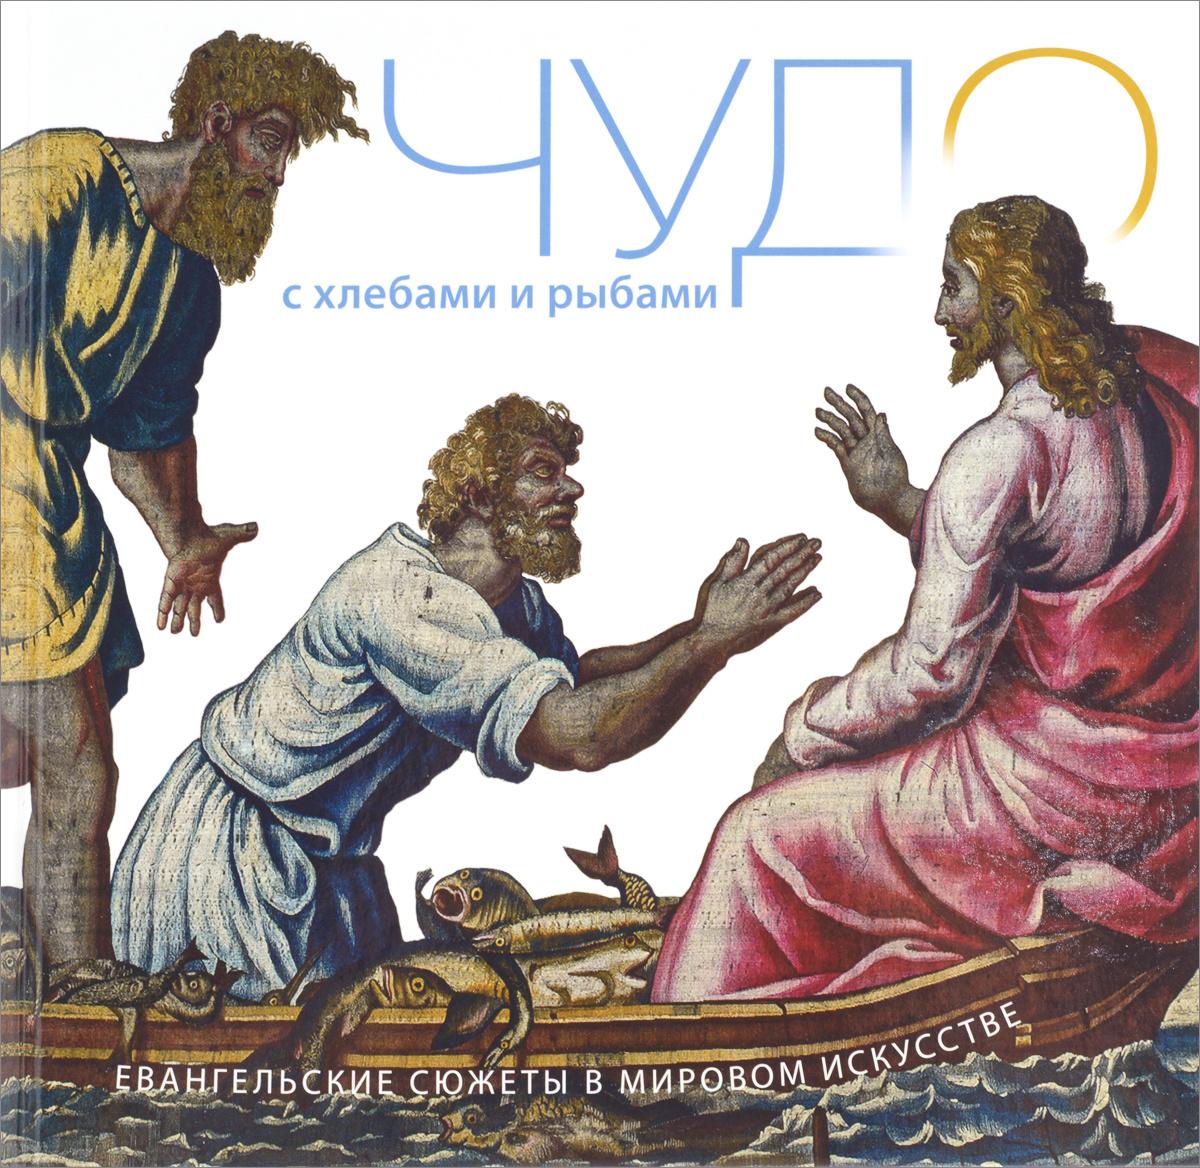 Чудо с хлебами и рыбами. Евангельские сюжеты в мировом искусстве  #1